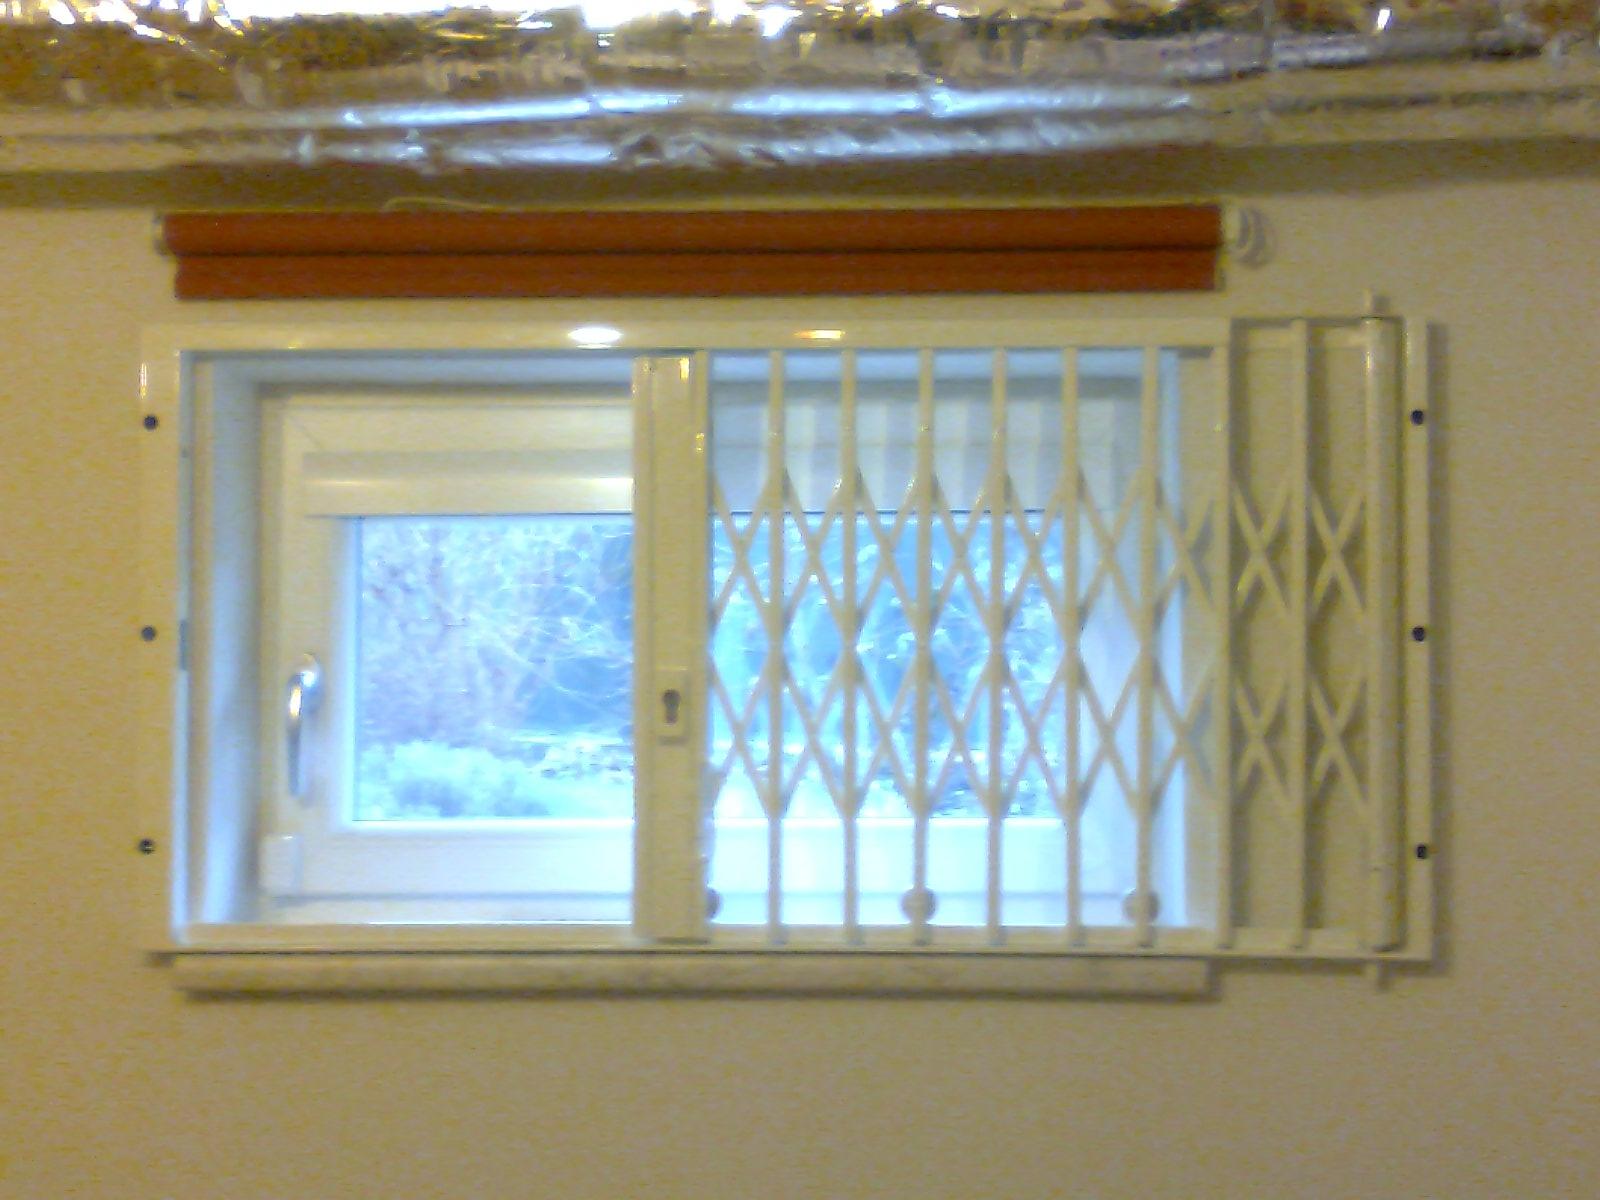 Full Size of Fenstergitter Einbruchschutz Modern Kellerfenster Sichern Innen Gitter Fenster Modernes Bett 180x200 Nachrüsten Deckenleuchte Schlafzimmer Esstisch Moderne Wohnzimmer Fenstergitter Einbruchschutz Modern